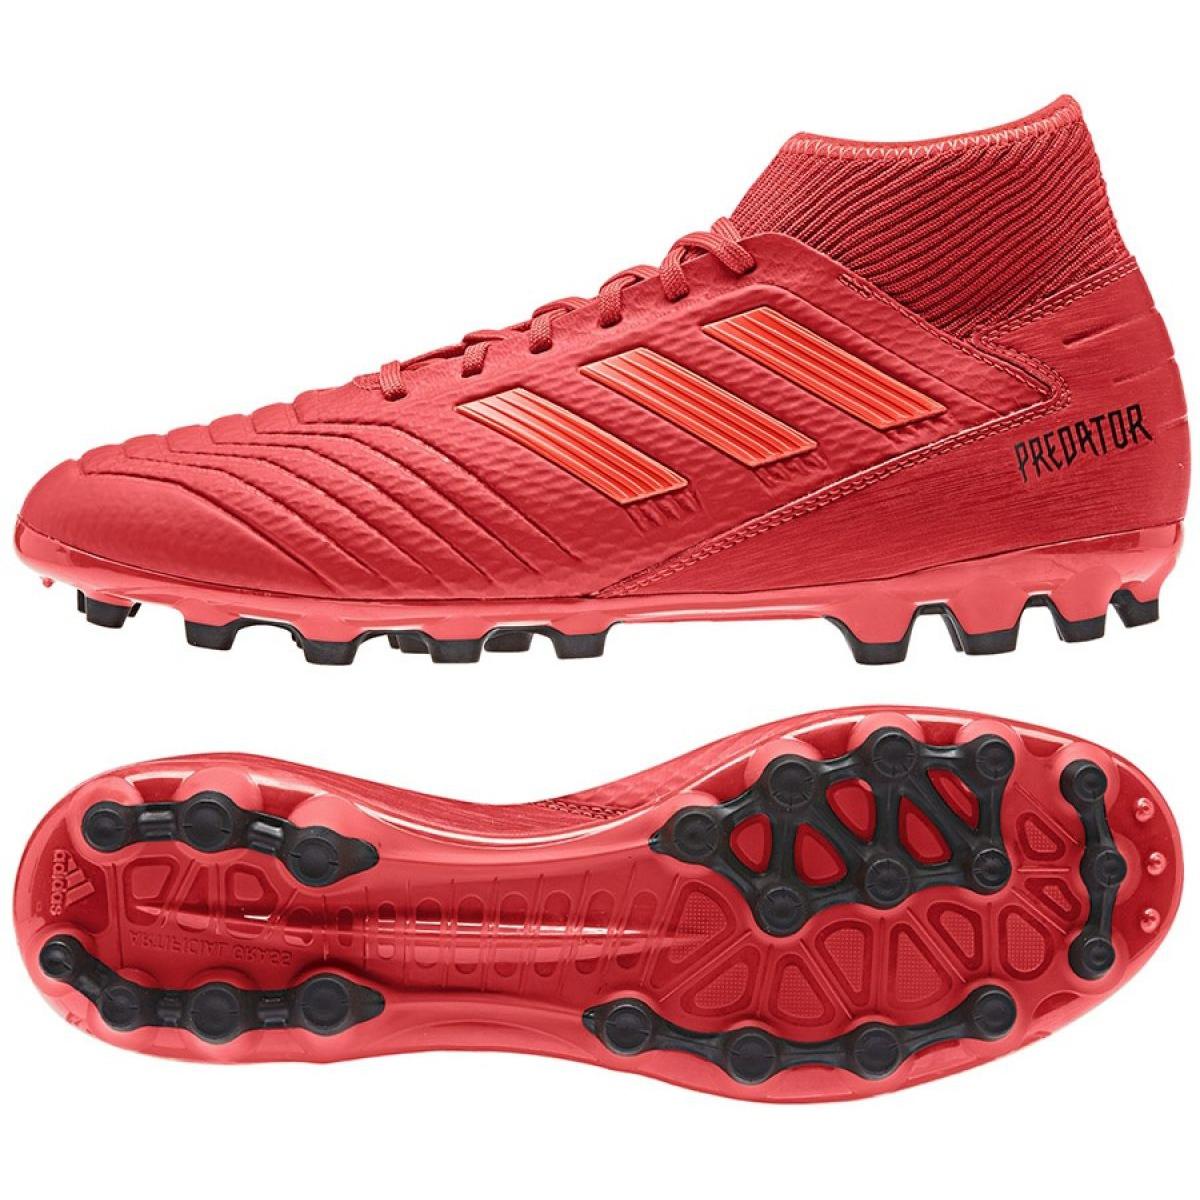 zapatos football adidas projoator 19.3 19.3 19.3 ag m d97944  Precio al por mayor y calidad confiable.